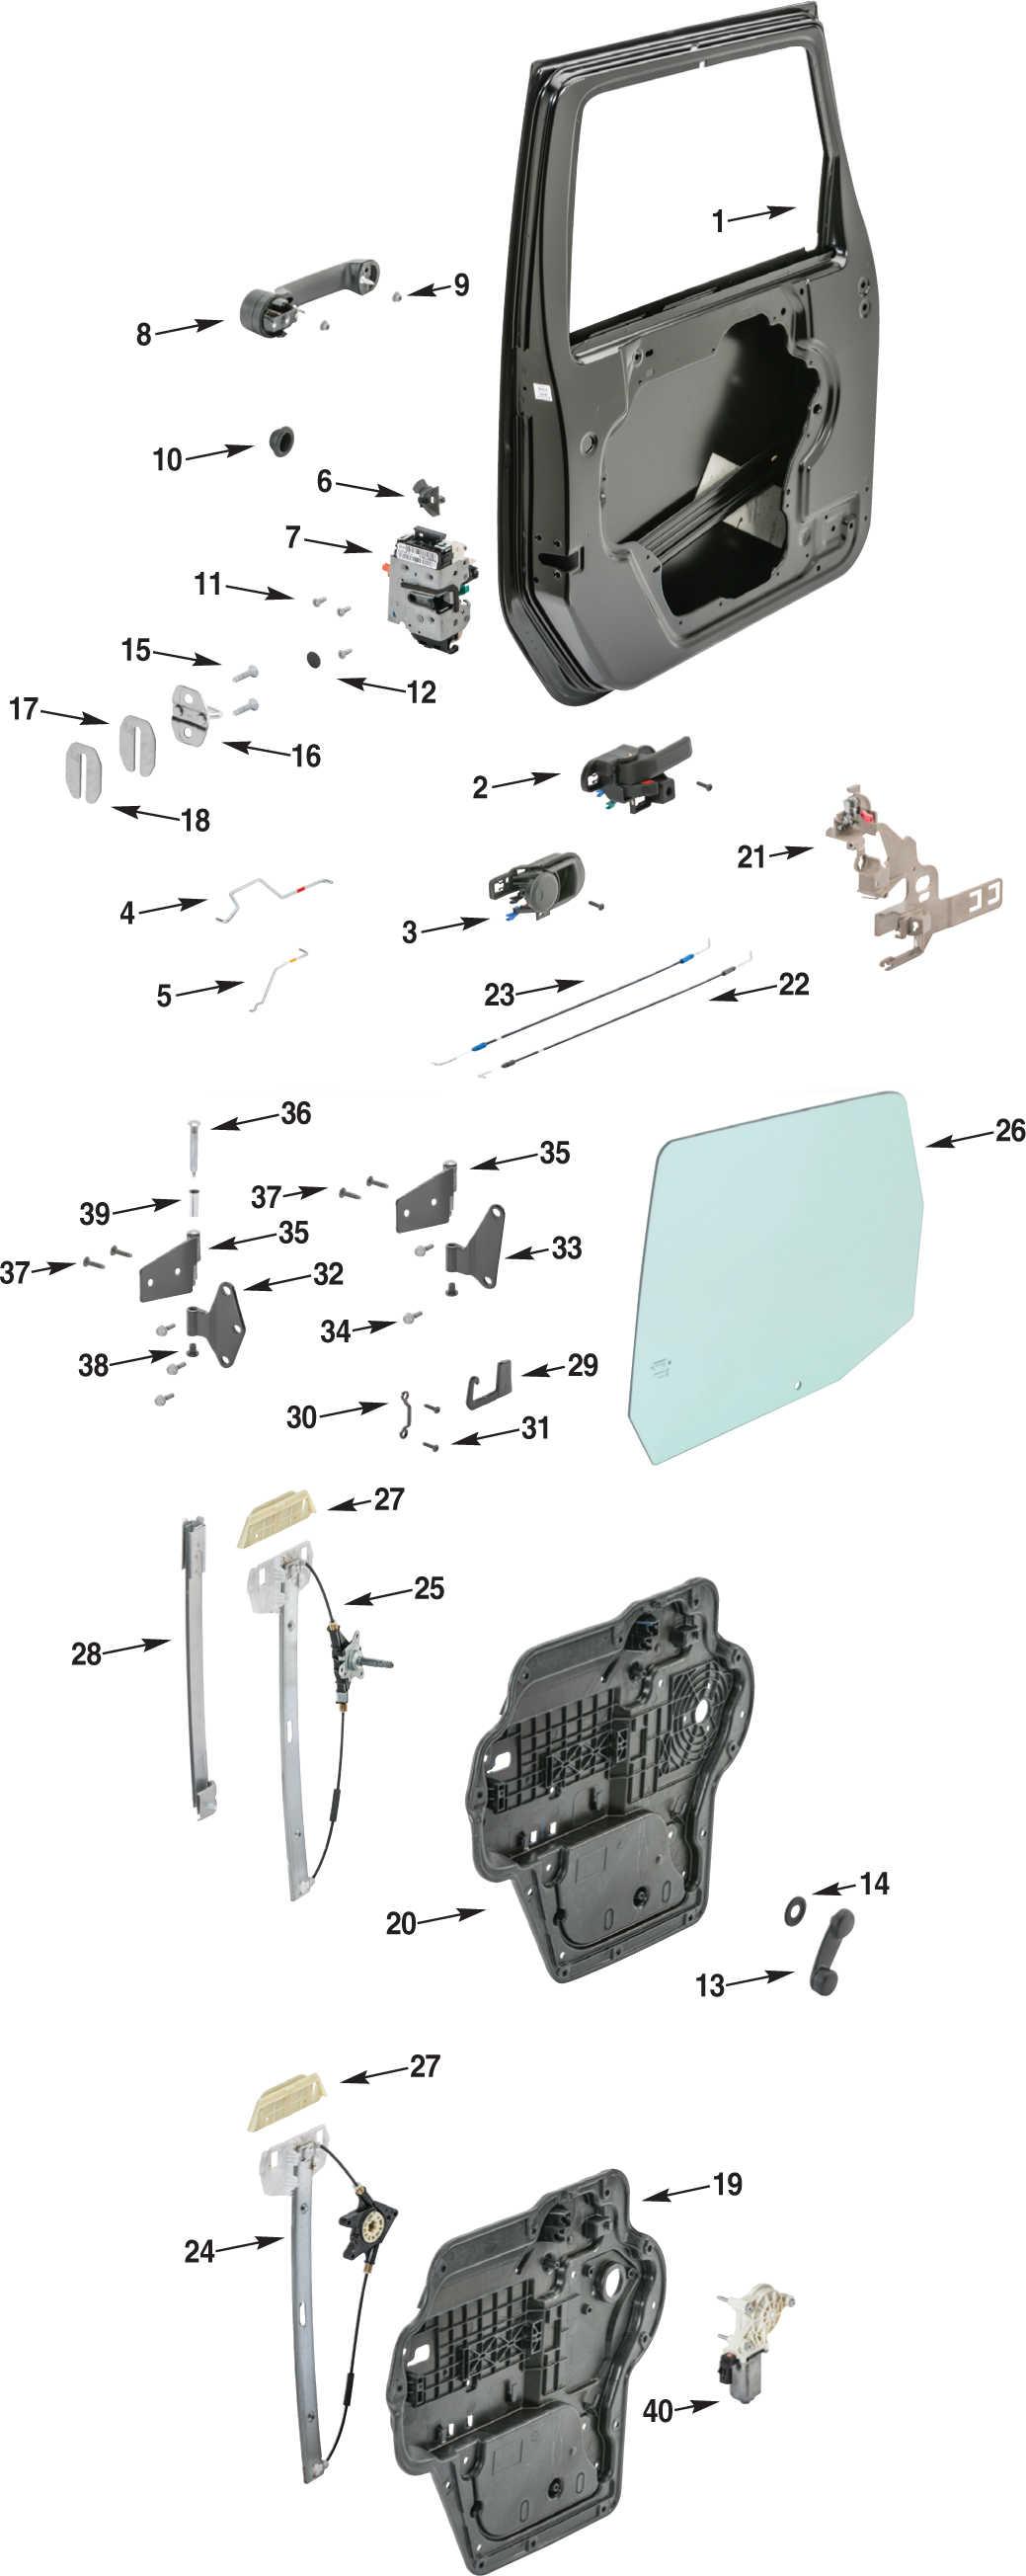 2007 jeep wrangler parts diagram 91 crx radio wiring jk front full steel door quadratec